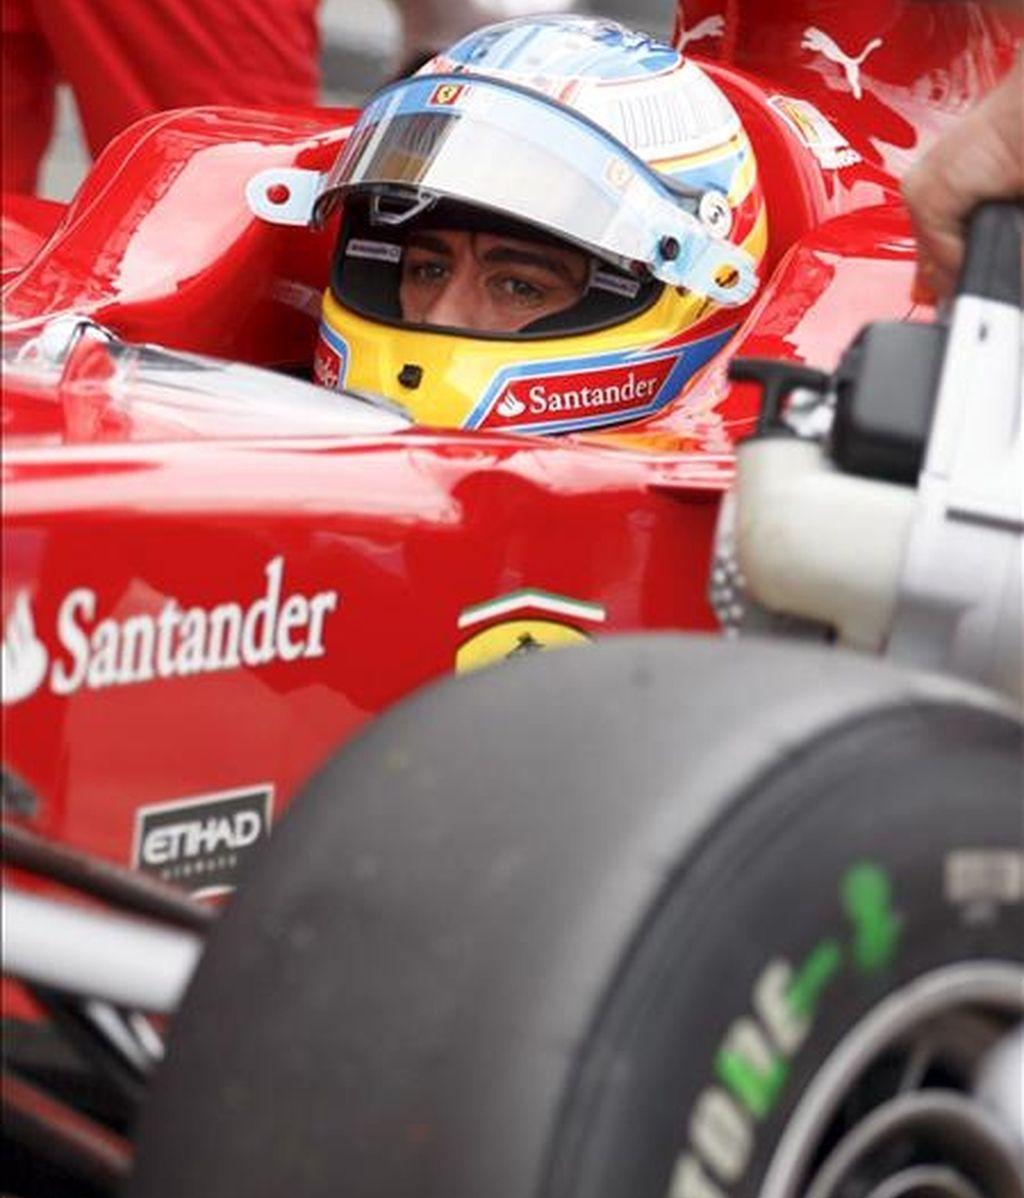 El piloto español de Fórmula Uno Fernando Alonso, de Ferrari. EFE/Archivo